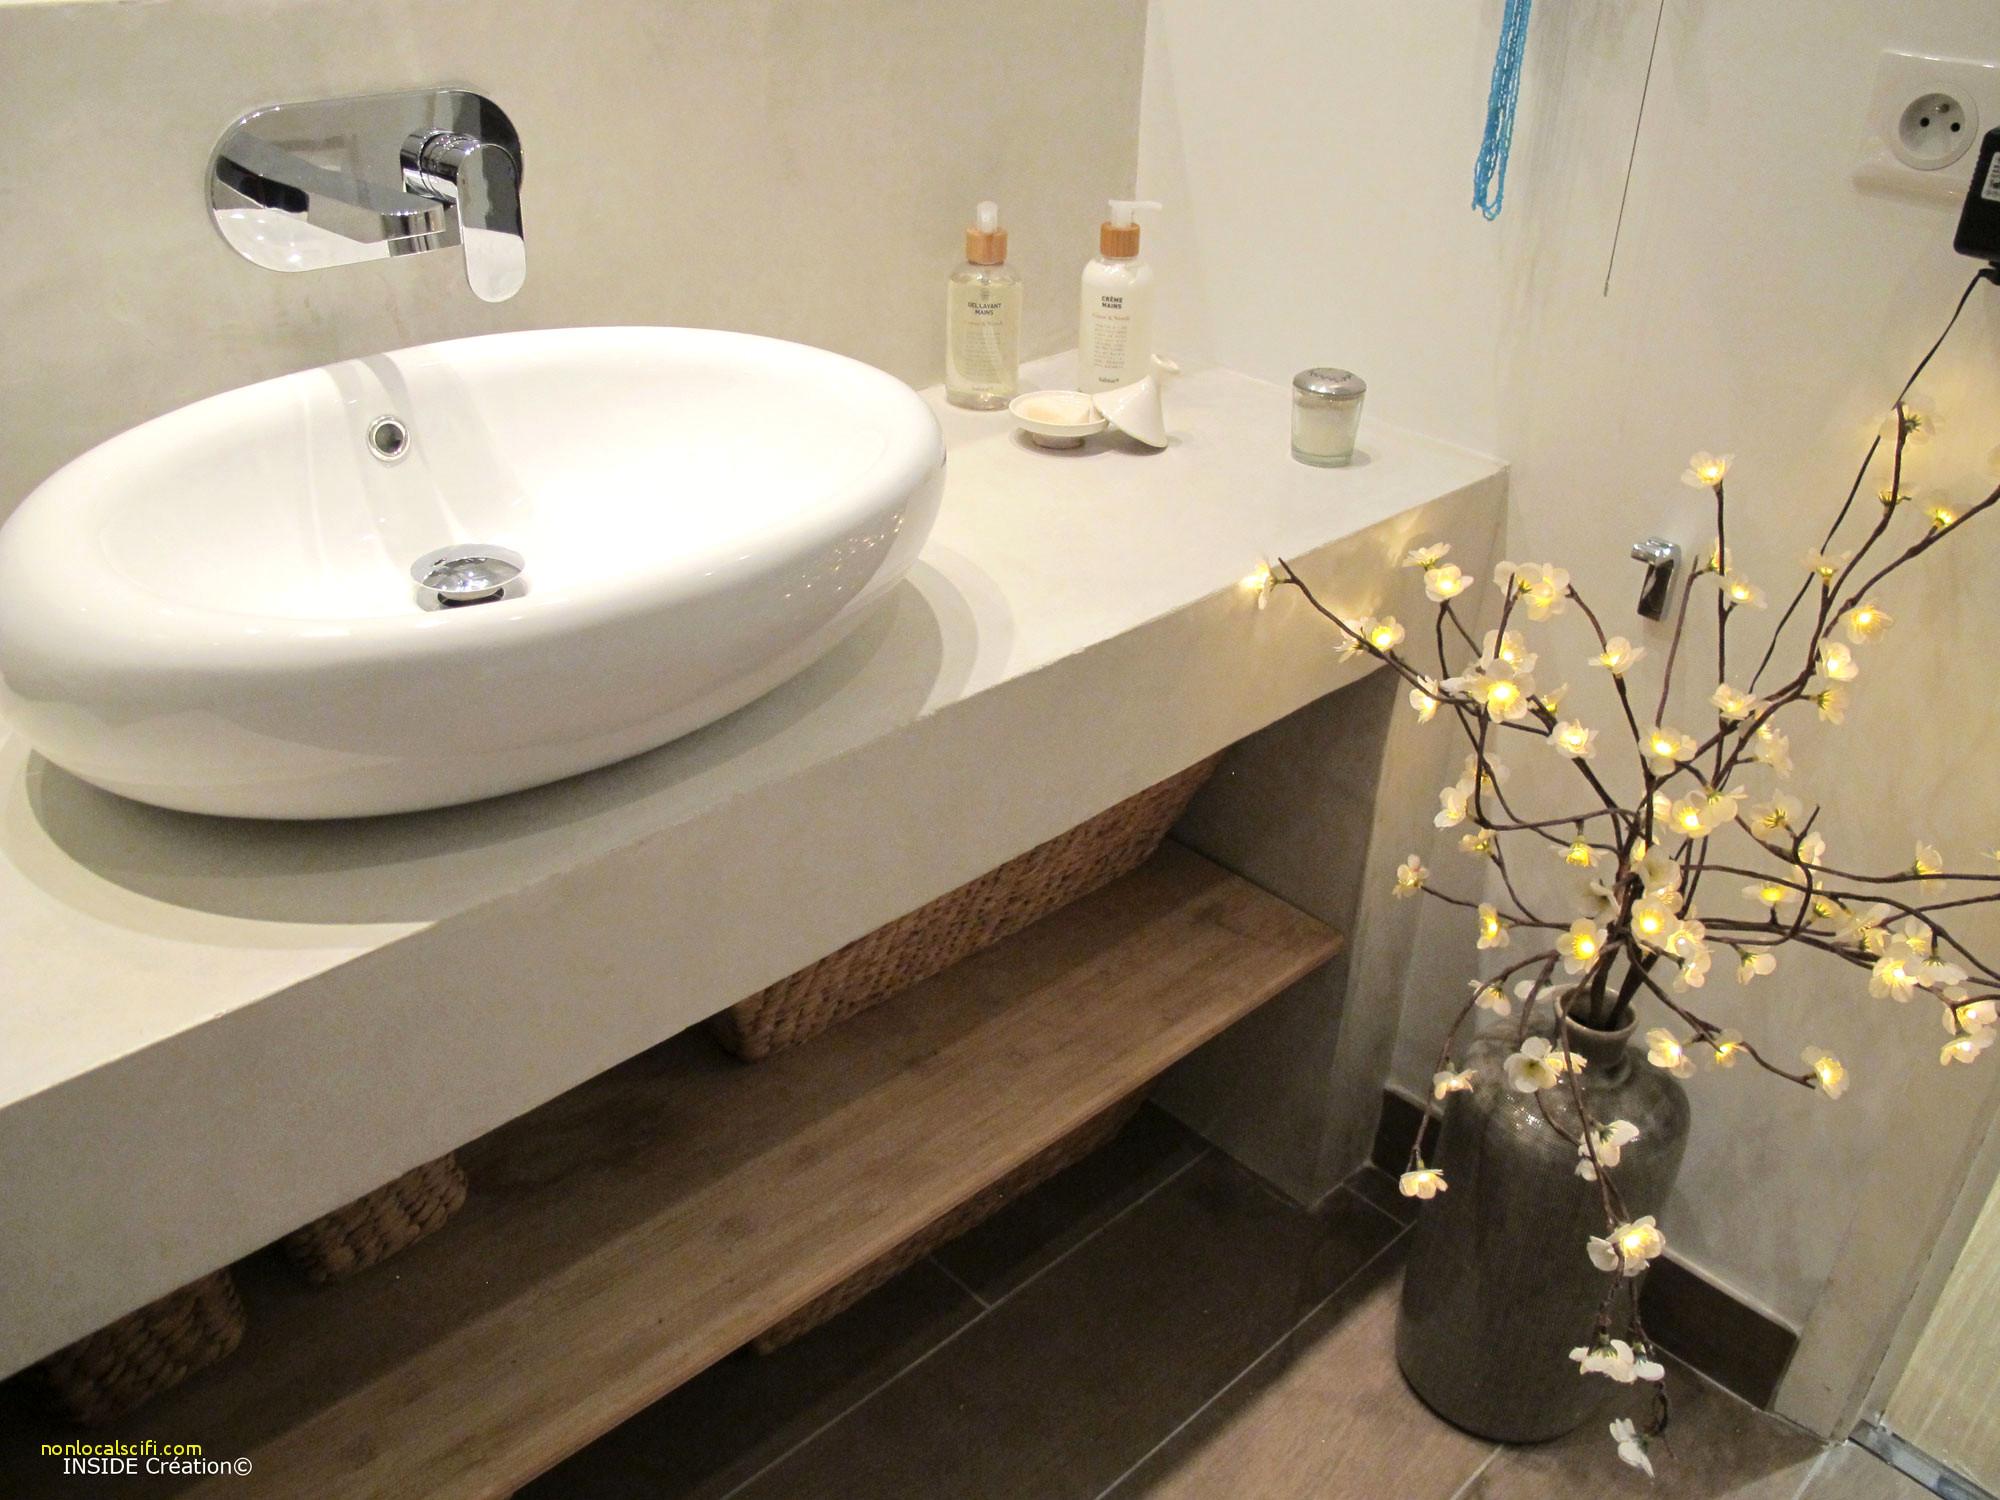 Vasque Encastrable Salle De Bain Ikea Beau Image Résultat Supérieur 96 élégant Meuble Salle De Bain Simple Pic 2018